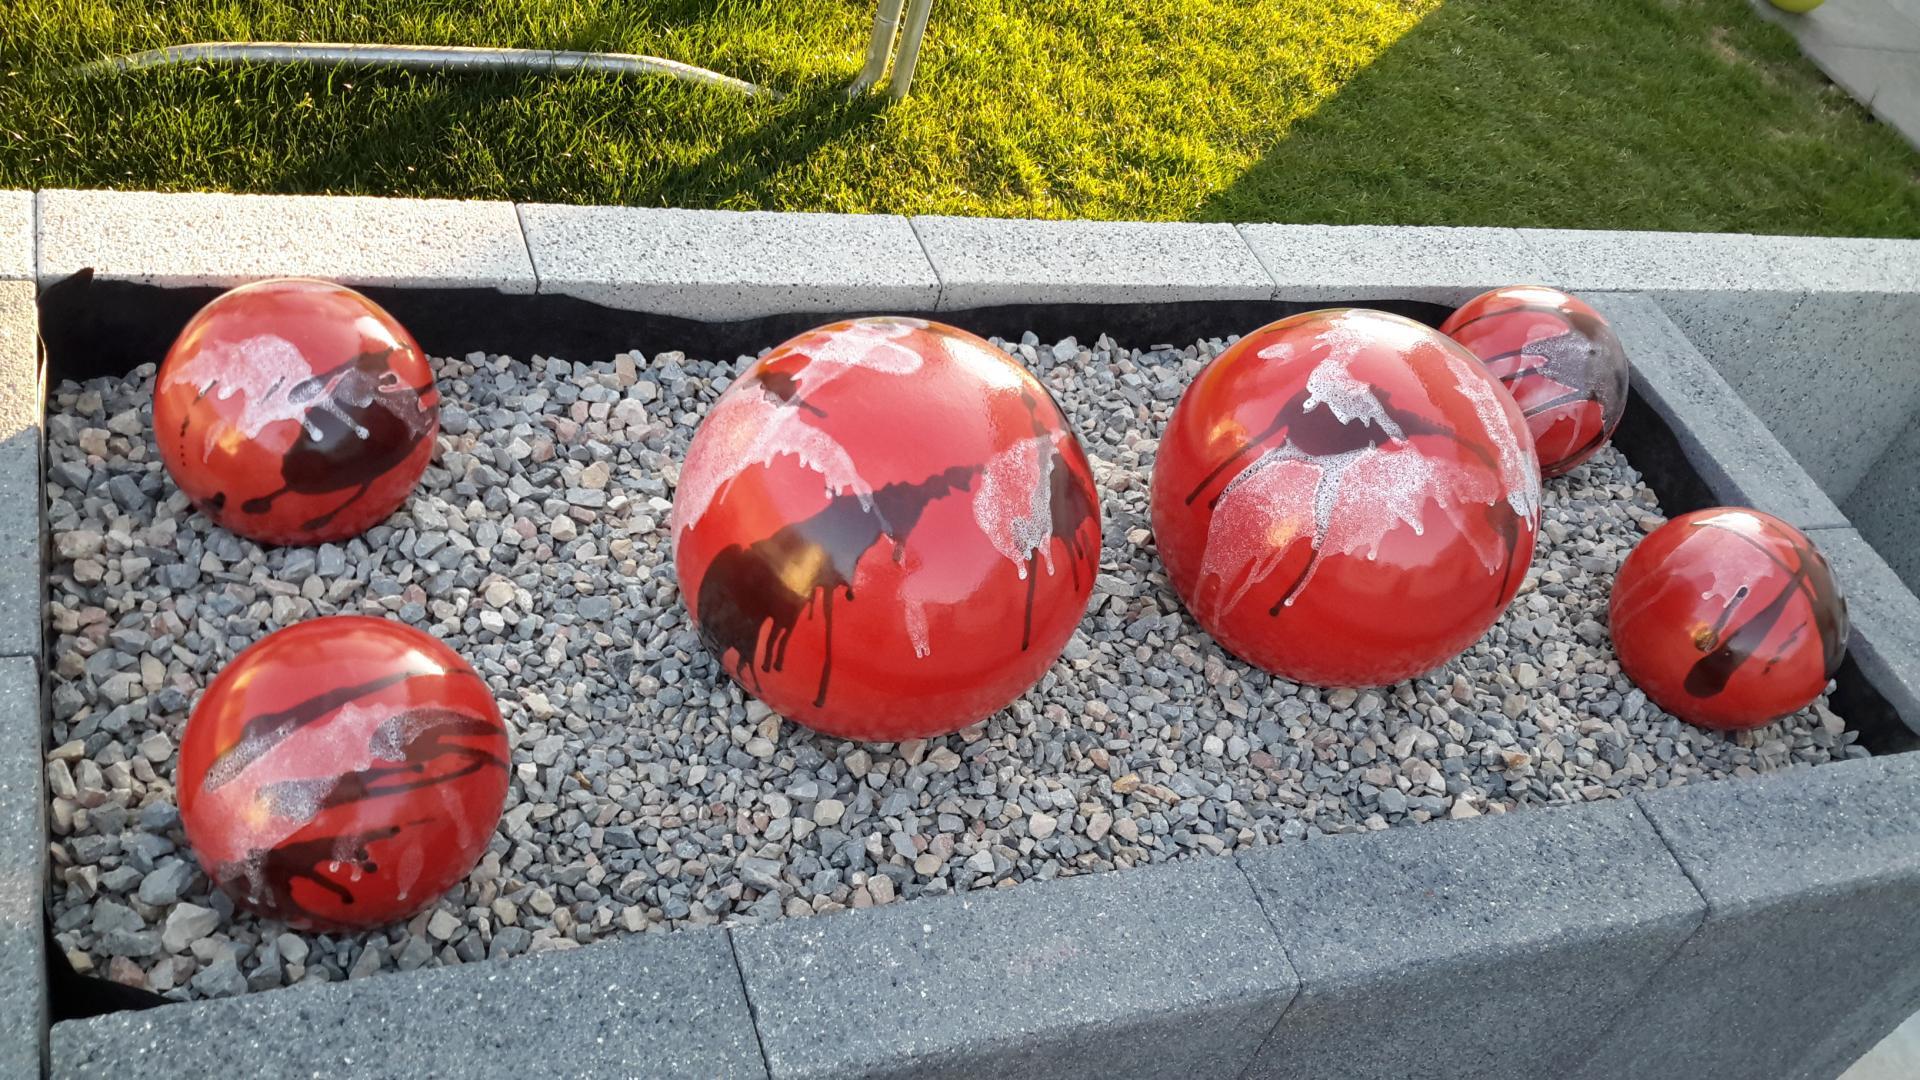 Boules En Grès Pour La Décoration Extérieure, Poteries De Jardin destiné Boule Decorative Jardin